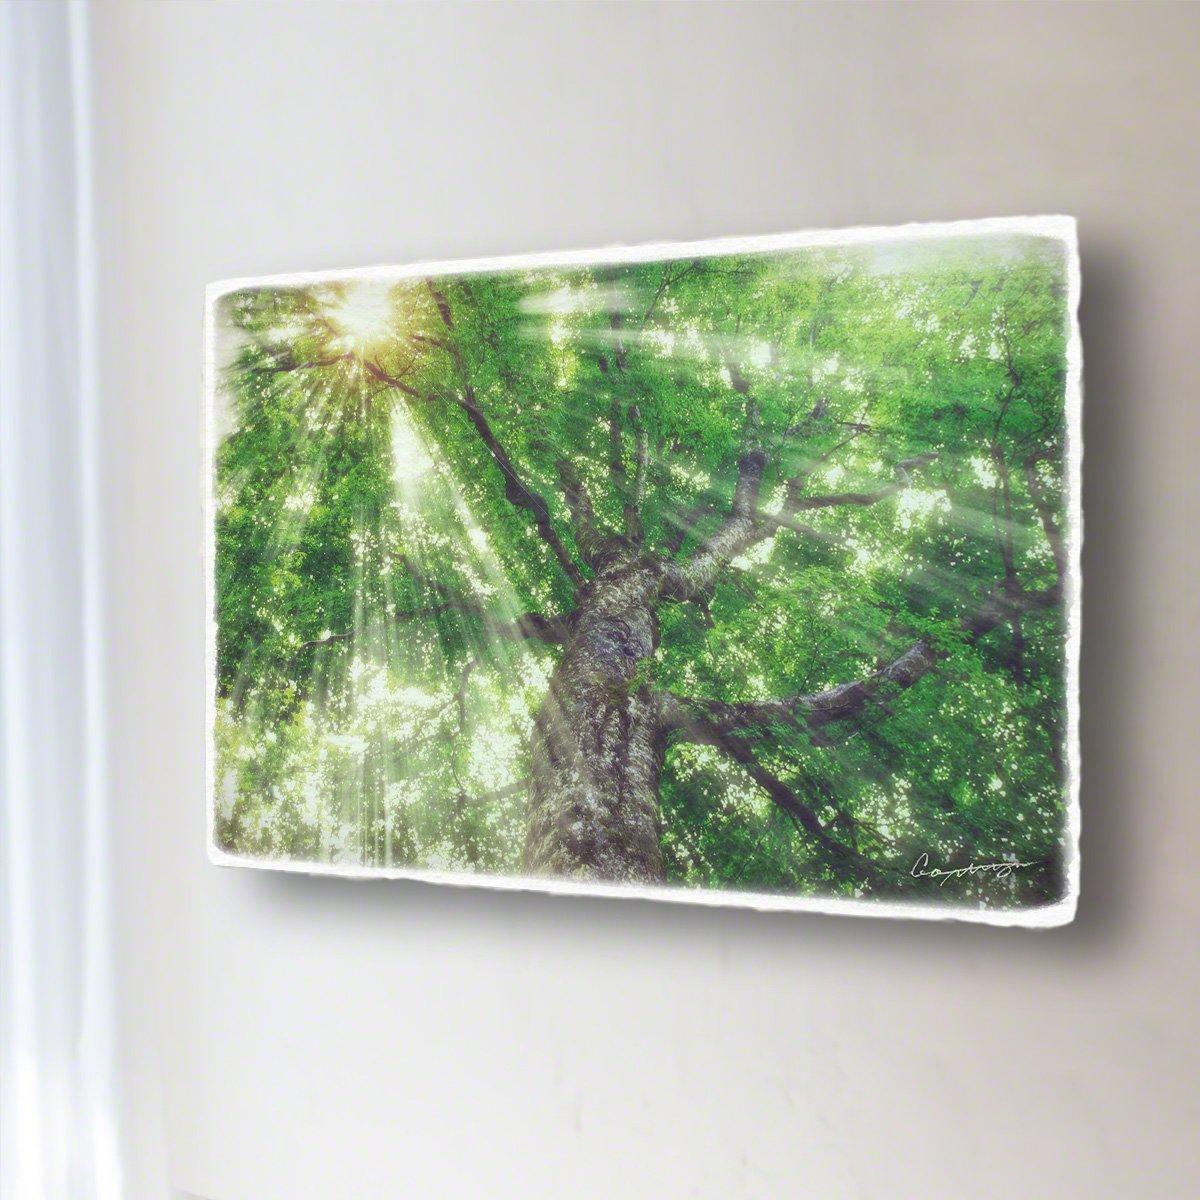 和紙 アートパネル 「木漏れ日と白神山地の新緑のブナのマザーツリー」 (81x54cm) 絵 絵画 壁掛け 壁飾り インテリア アート B07F1FKHD3 17.アートパネル(長辺81cm) 88000円|木漏れ日と白神山地の新緑のブナのマザーツリー 木漏れ日と白神山地の新緑のブナのマザーツリー 17.アートパネル(長辺81cm) 88000円